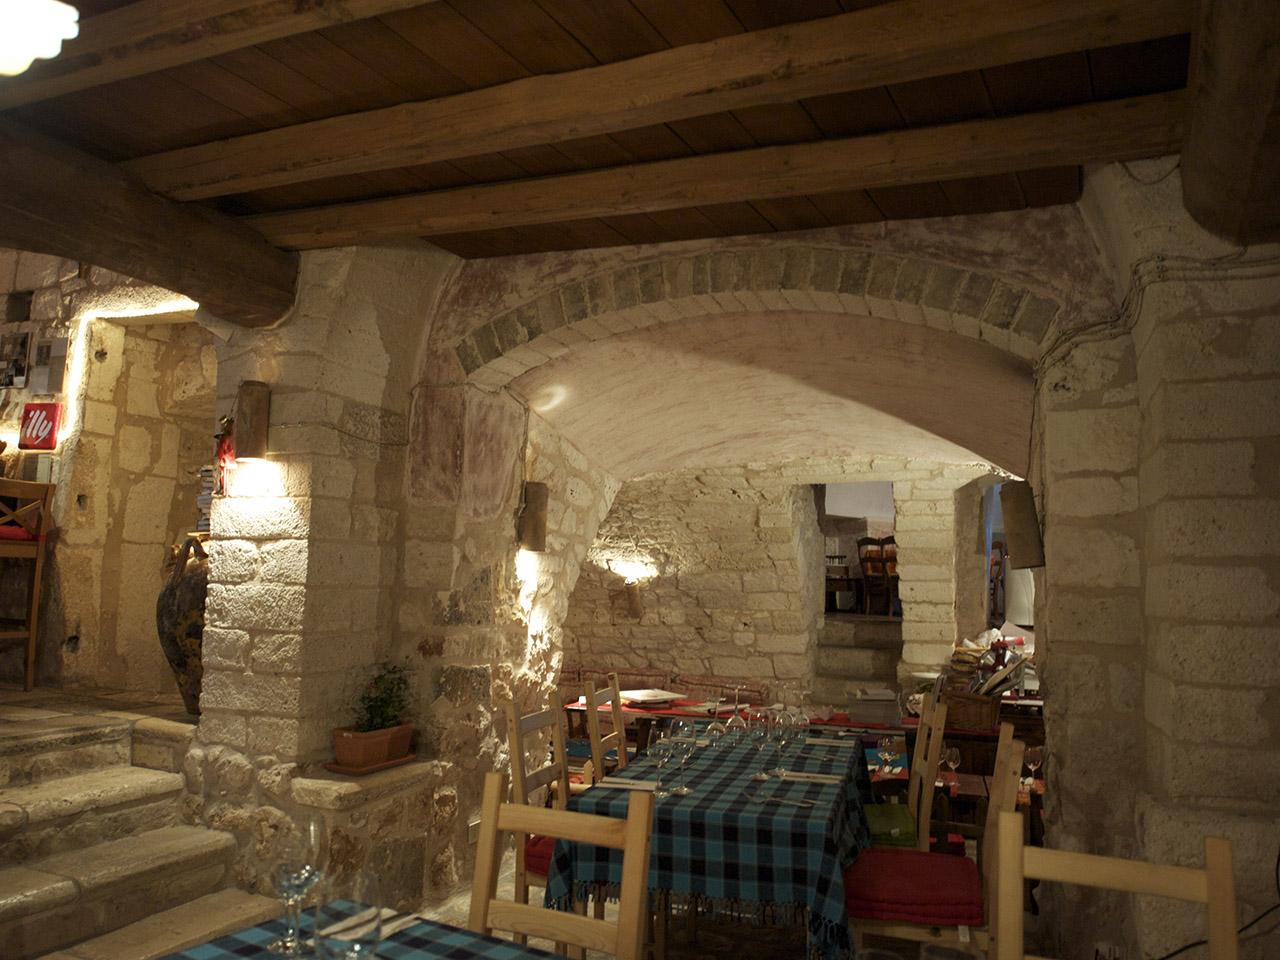 ristrutturazione restauro ristorante casa san giacomo centro storico ostuni dan 6862